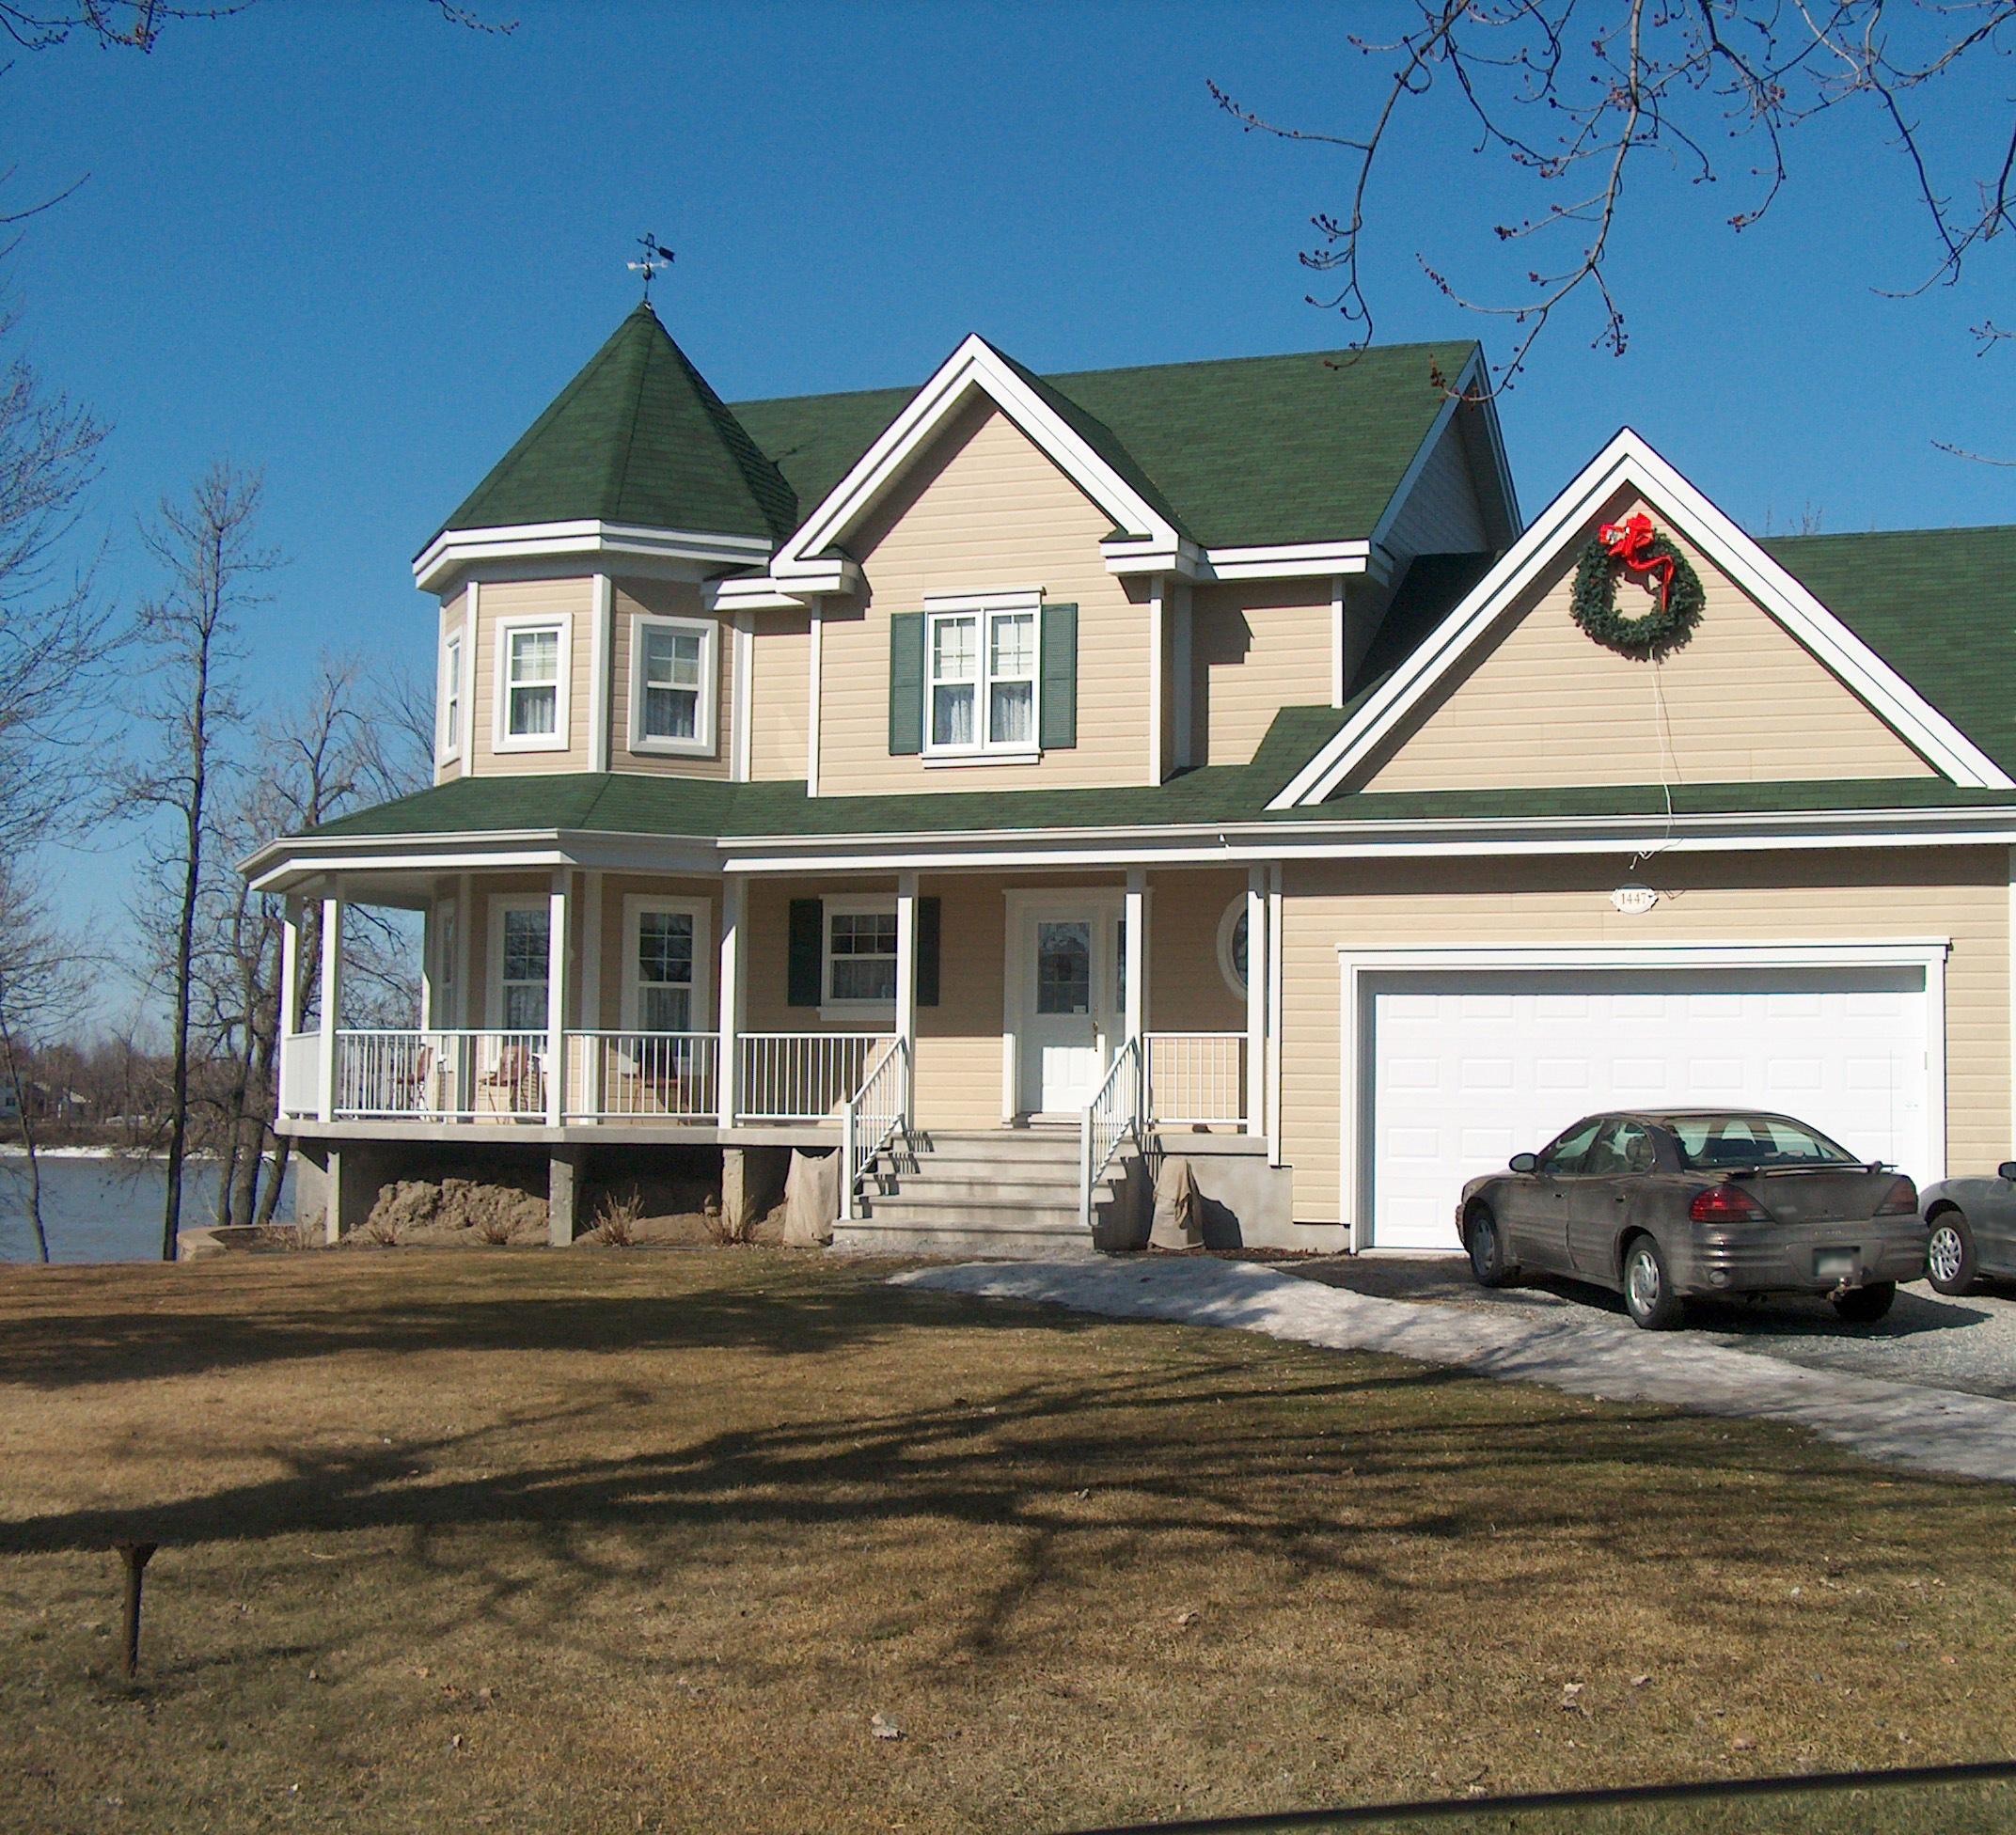 Fotos de exterior de casas canadienses construcciones - Fotos de casas americanas ...